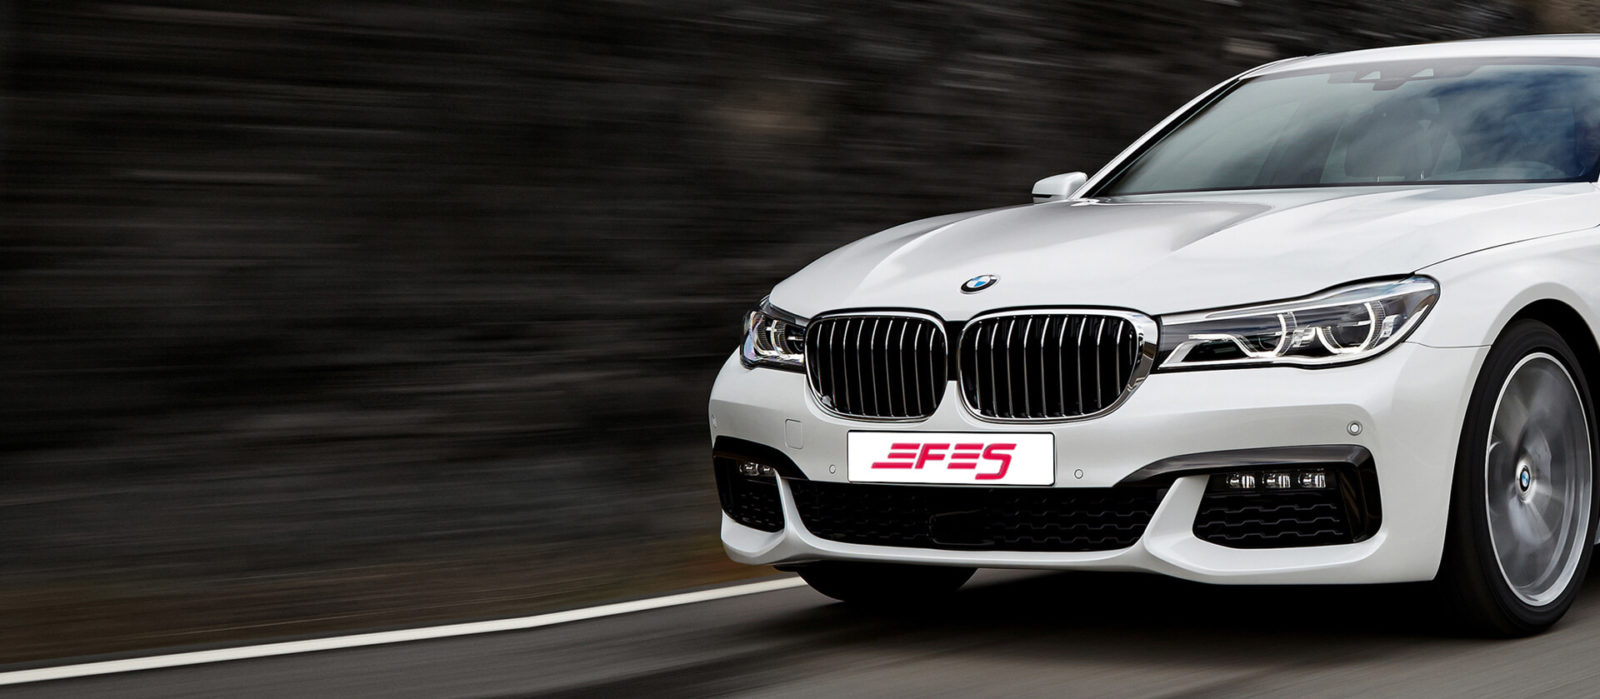 BMW EFESOTO'DAN KİRALANIR